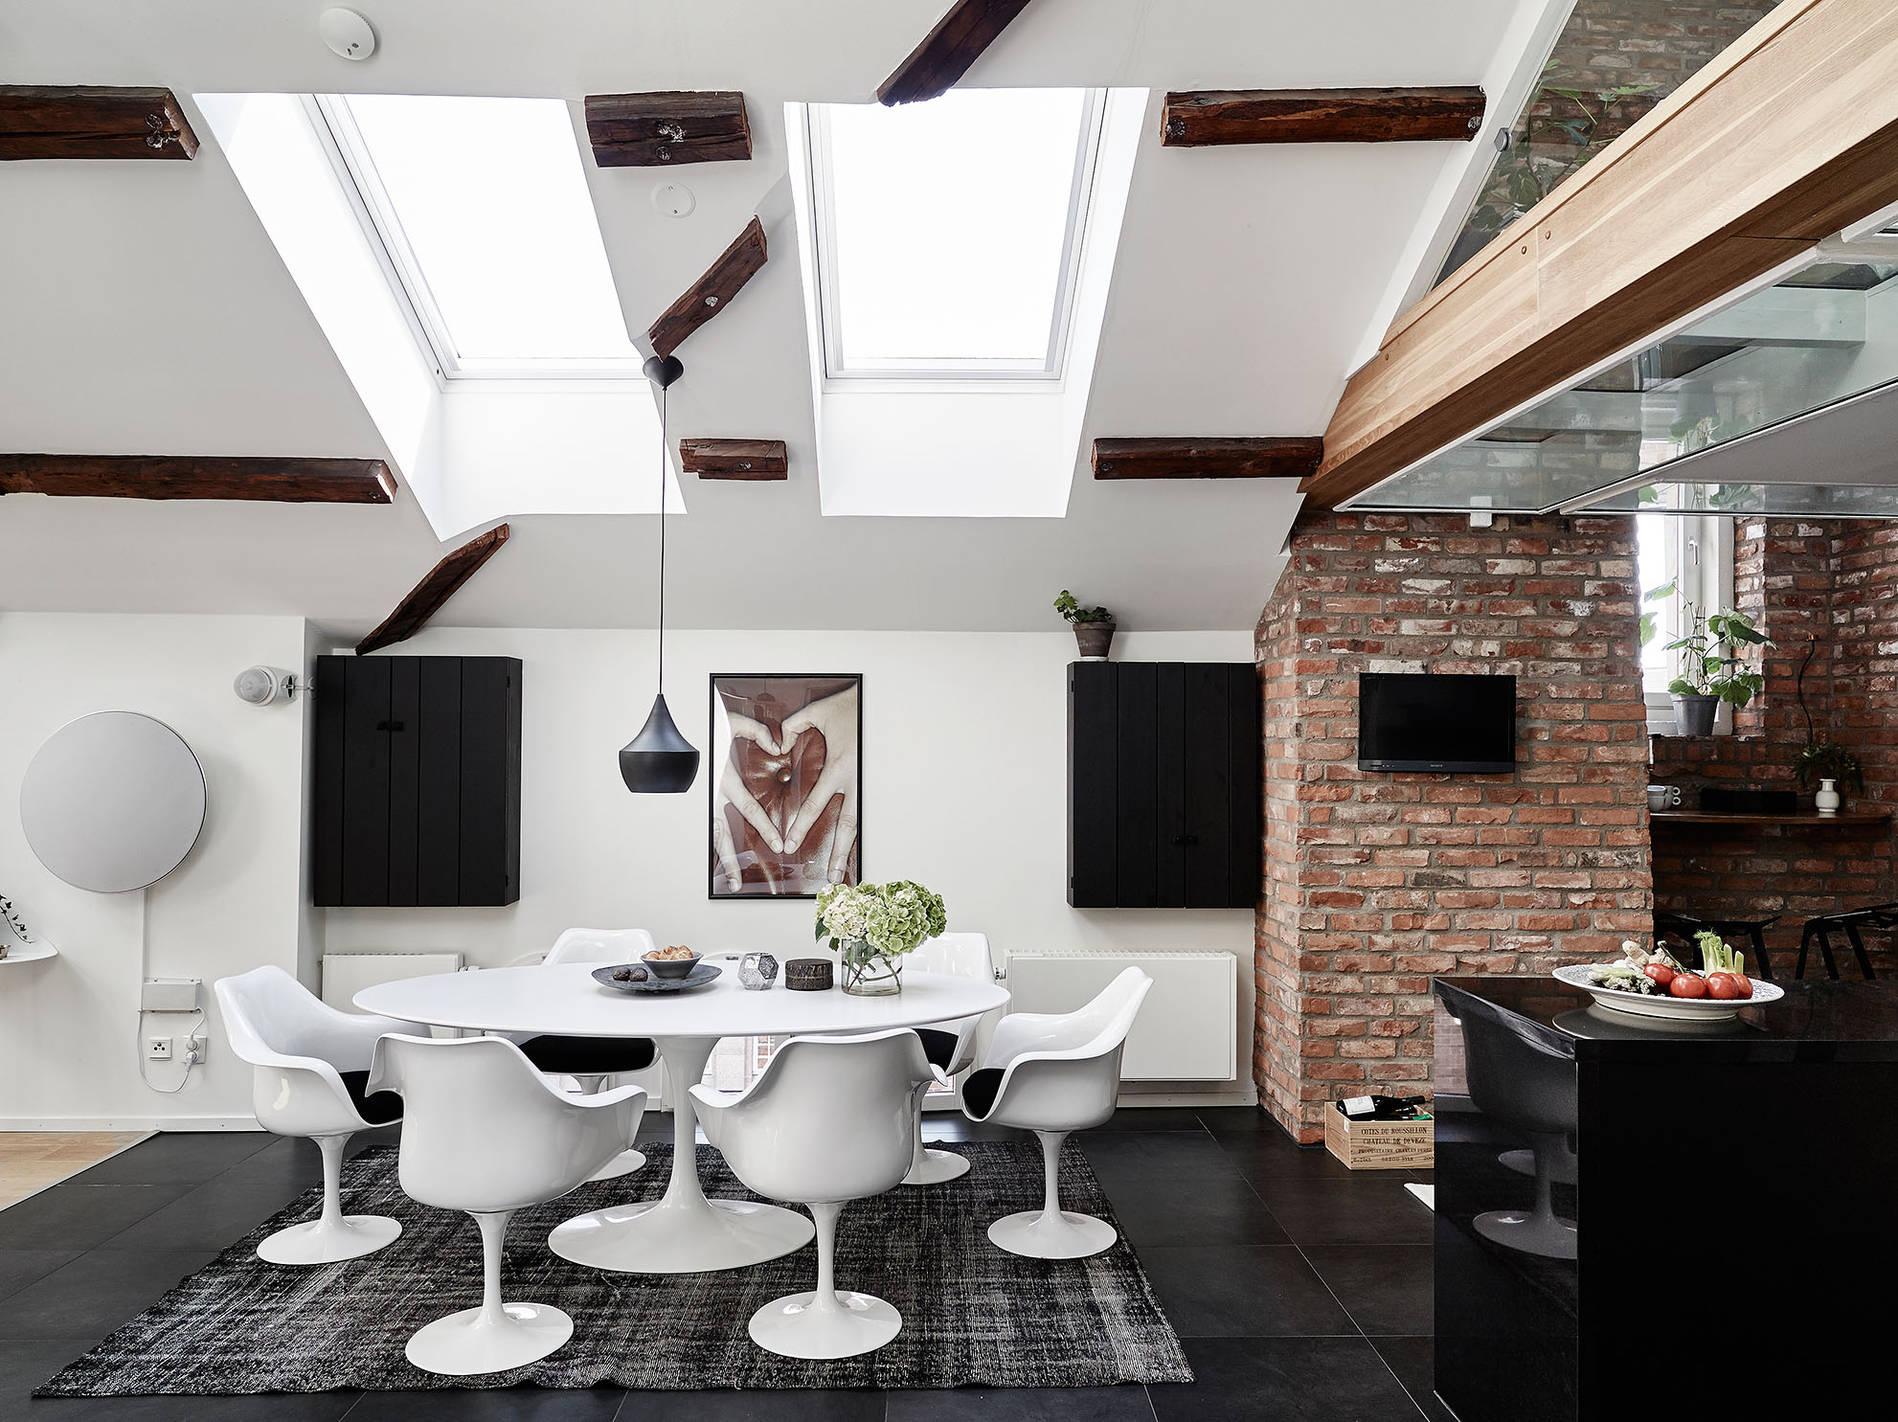 duplex mansarde | chiara stella home